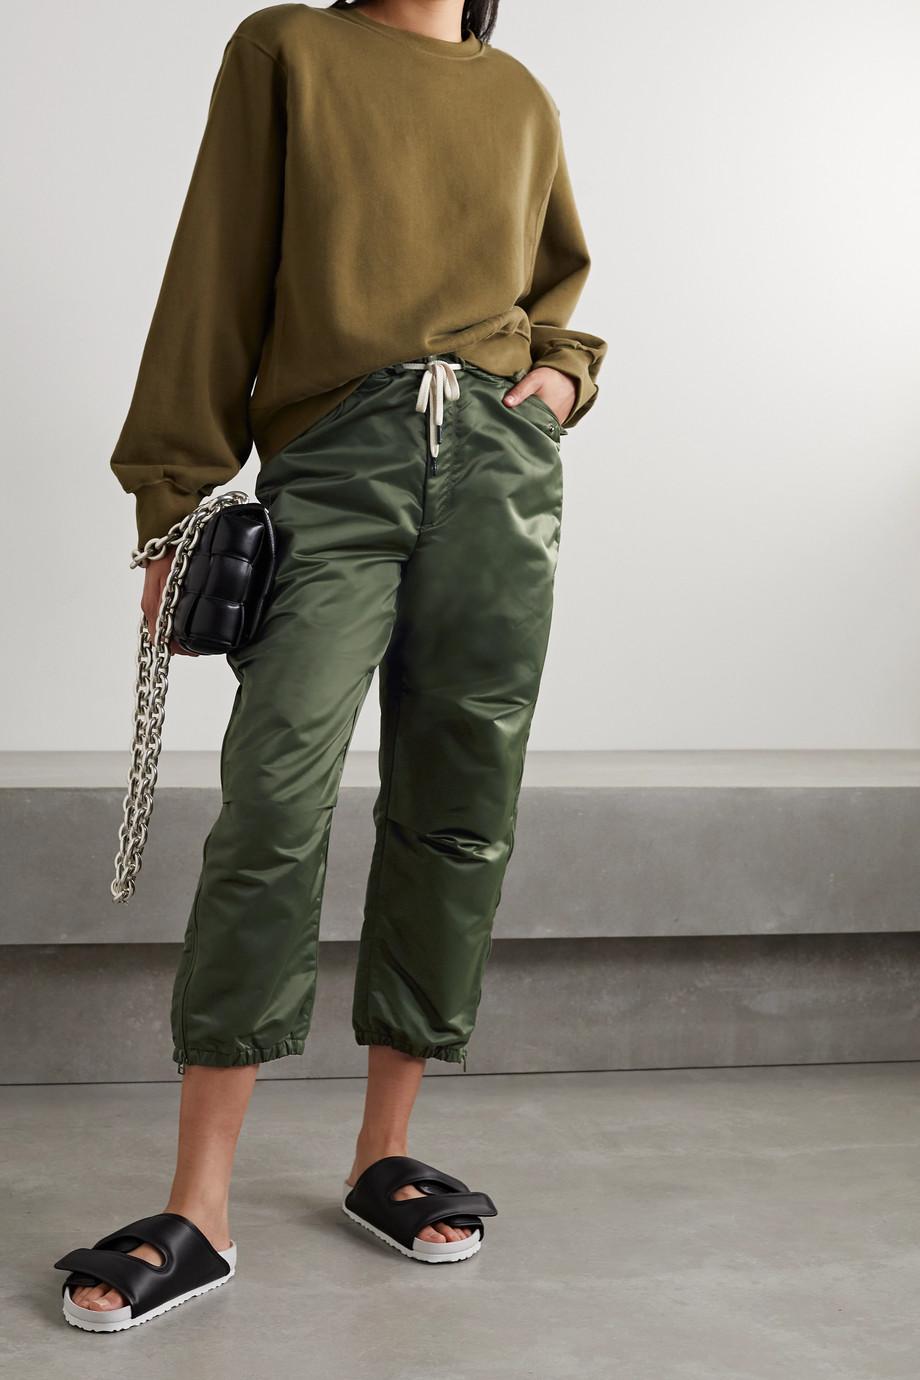 TRE by Natalie Ratabesi Pantalon droit en tissu technique The Giovanna